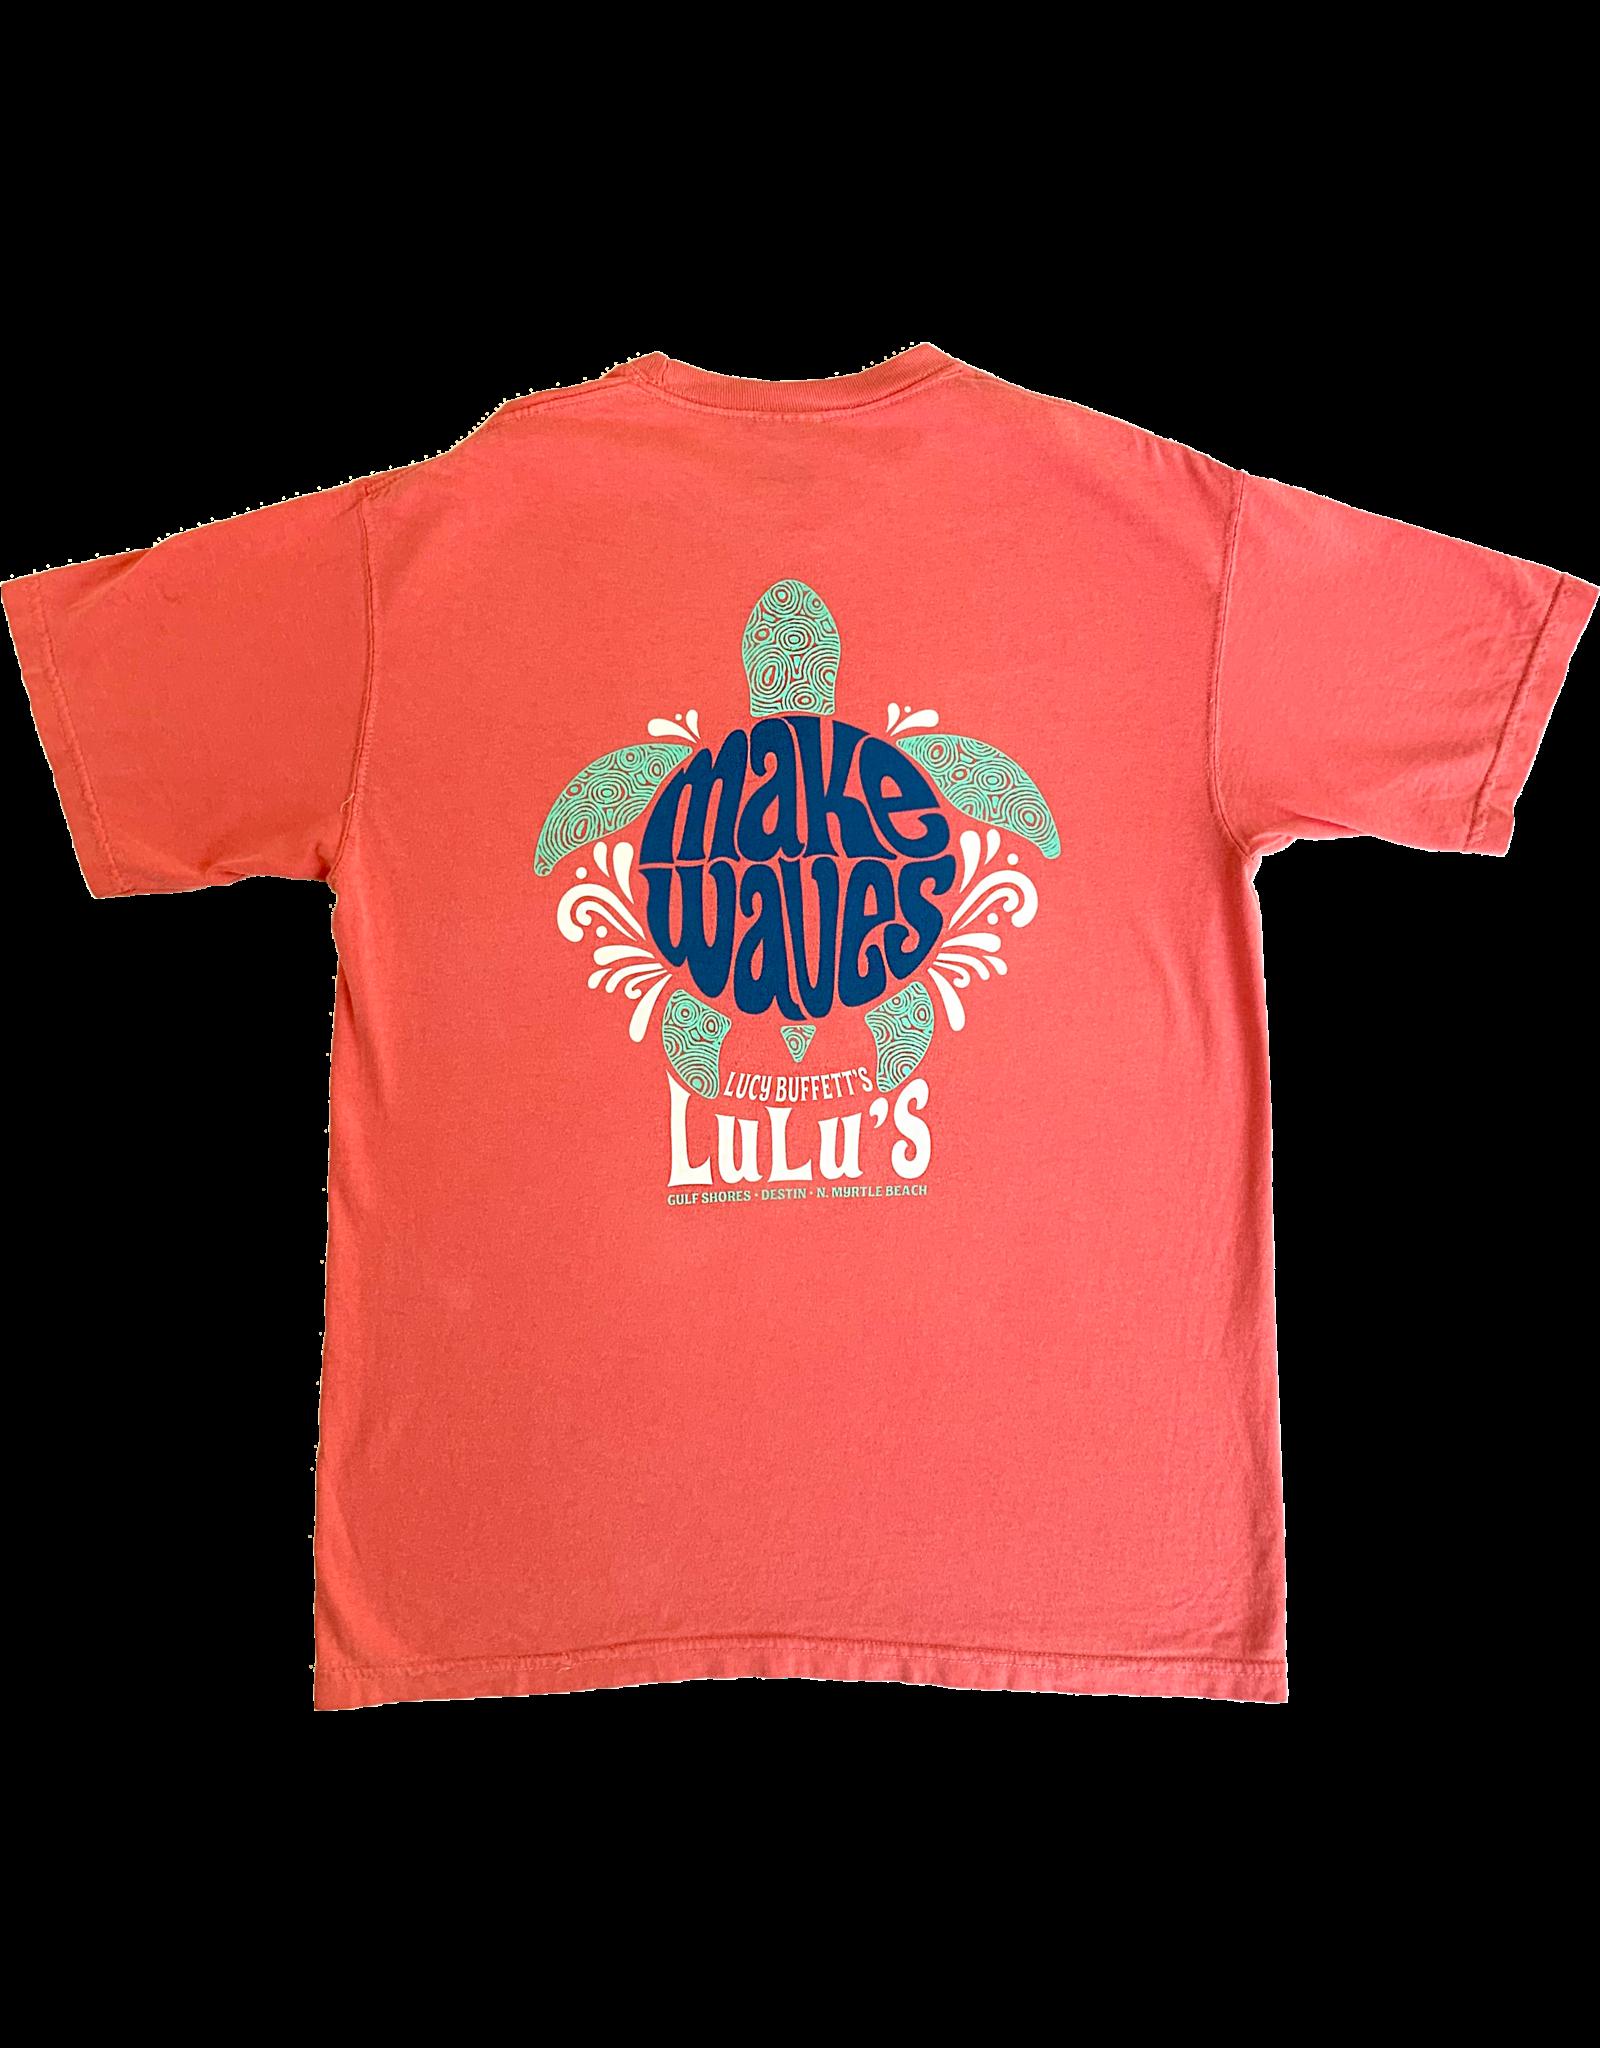 Make Waves Turtle Tee